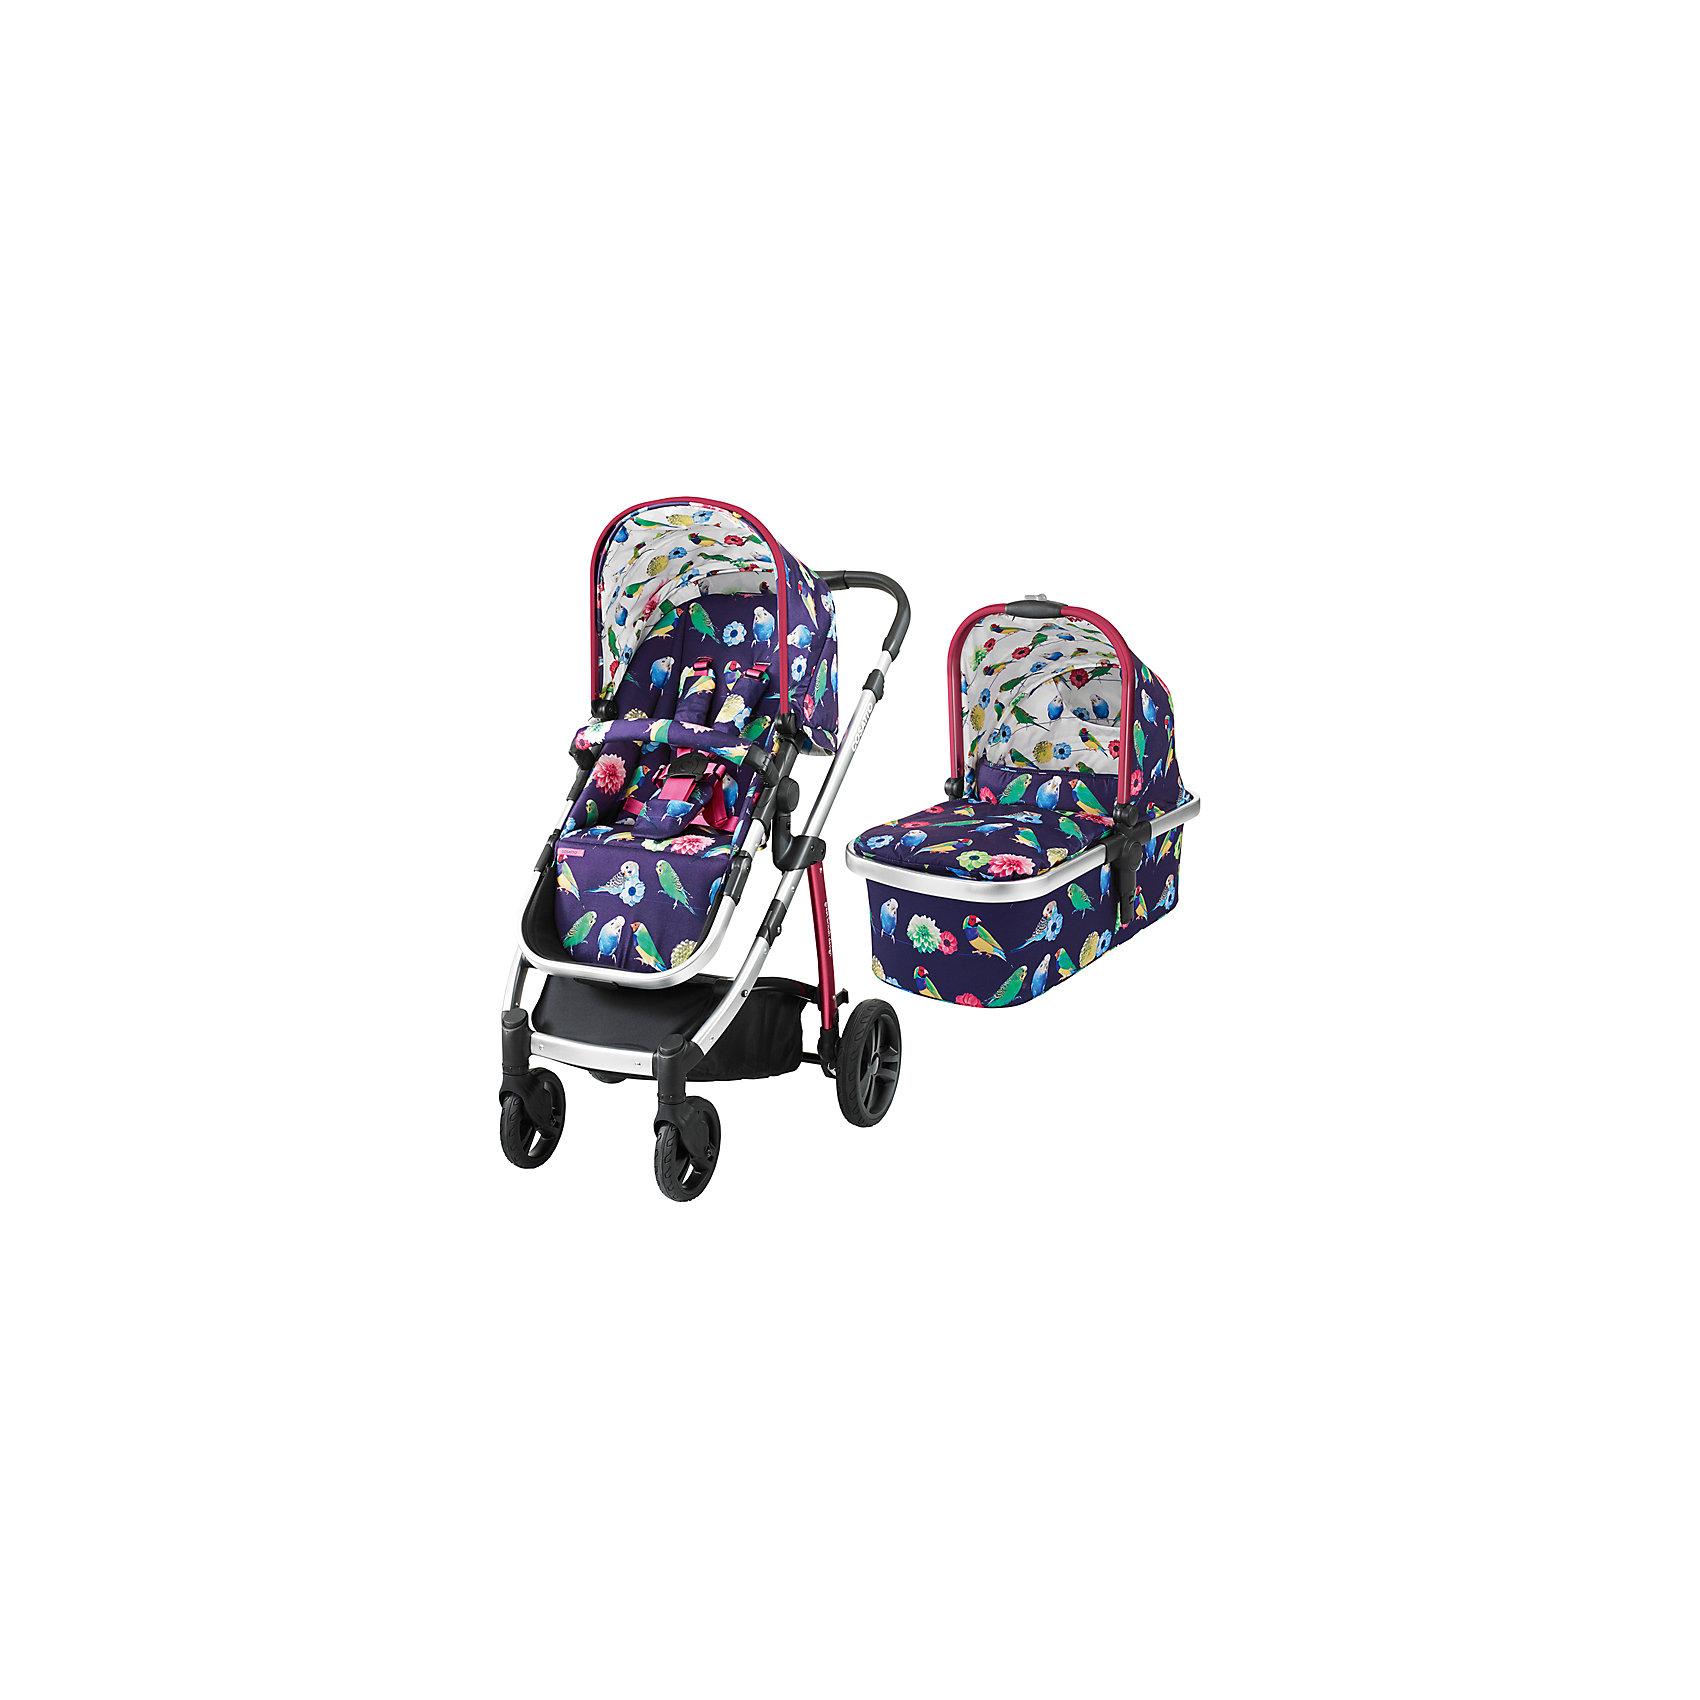 Коляска 2 в 1 Cosatto Wow, EdenГруппа 0+ (До 13 кг)<br>Рады представить Вам модульную коляску 2017 года Cosatto WOW. Для прогулок с новорожденным предусмотрена комфортная люлька с теплой накидкой и мягким матрасиком. Для ребенка постарше на шасси устанавливается прогулочное сиденье. Если малыш захочет поспать прямо во время путешествия, сиденье легко можно перевести в специальное положение для отдыха.<br><br>Коляской легко и приятно управлять благодаря вращающимся передним колесам, а амортизация обеспечивает плавный ход на любой местности.<br><br>Характеристики:<br><br>    Для детей с рождения (люлька) до 4 лет (прогулочный блок), весом до 15 кг<br>    Комфортное сиденье может быть установлено лицом к маме либо по ходу движения<br>    Капюшон с выдвижным солнцезащитным козырьком<br>    Петли для игрушек, расположенные на капюшоне<br>    5-точечные ремни безопасности с мягкими накладками<br>    Съемный бампер-ограничитель, обитый тканью<br>    Телескопическая ручка с обивкой из кожзаменителя, регулируется по высоте<br>    Резиновые колеса повышенной проходимости<br>    Передние колеса - поворотные, оснащены фиксаторами<br>    Амортизация на всех колесах<br>    Легкая алюминиевая рама<br>    Большая корзина для покупок с удобными отделениями<br>    Возможность установки на шасси коляски автокресла Cosatto Port группы 0+ (приобретается дополнительно)<br>    В комплекте: шасси, люлька, прогулочный блок, дождевик<br><br>Люлька:<br><br>    Для детей с рождения до 6 месяцев<br>    Комфортный матрасик<br>    Съемный моющийся вкладыш<br>    Удобная ручка для переноски<br><br>Размеры:<br><br>Коляска в разложенном виде (Ш х Д х В), см: 58 х 89 х 96-109<br><br>Коляска в сложенном виде (Ш х Д х В), см: 58 х 82 х 31<br><br>Люльки внутри (Ш х Д х В), см: 30 х 67 х 20<br><br>Ширина прогулочного сиденья: 31 см<br><br>Глубина сиденья: 21 см<br><br>Длина спинки сиденья: 47 см<br><br>Длина подножки: 22 см<br><br>Диаметр передних колес: 17 см<br><br>Диаметр задних колес: 23,5 см<br><br>